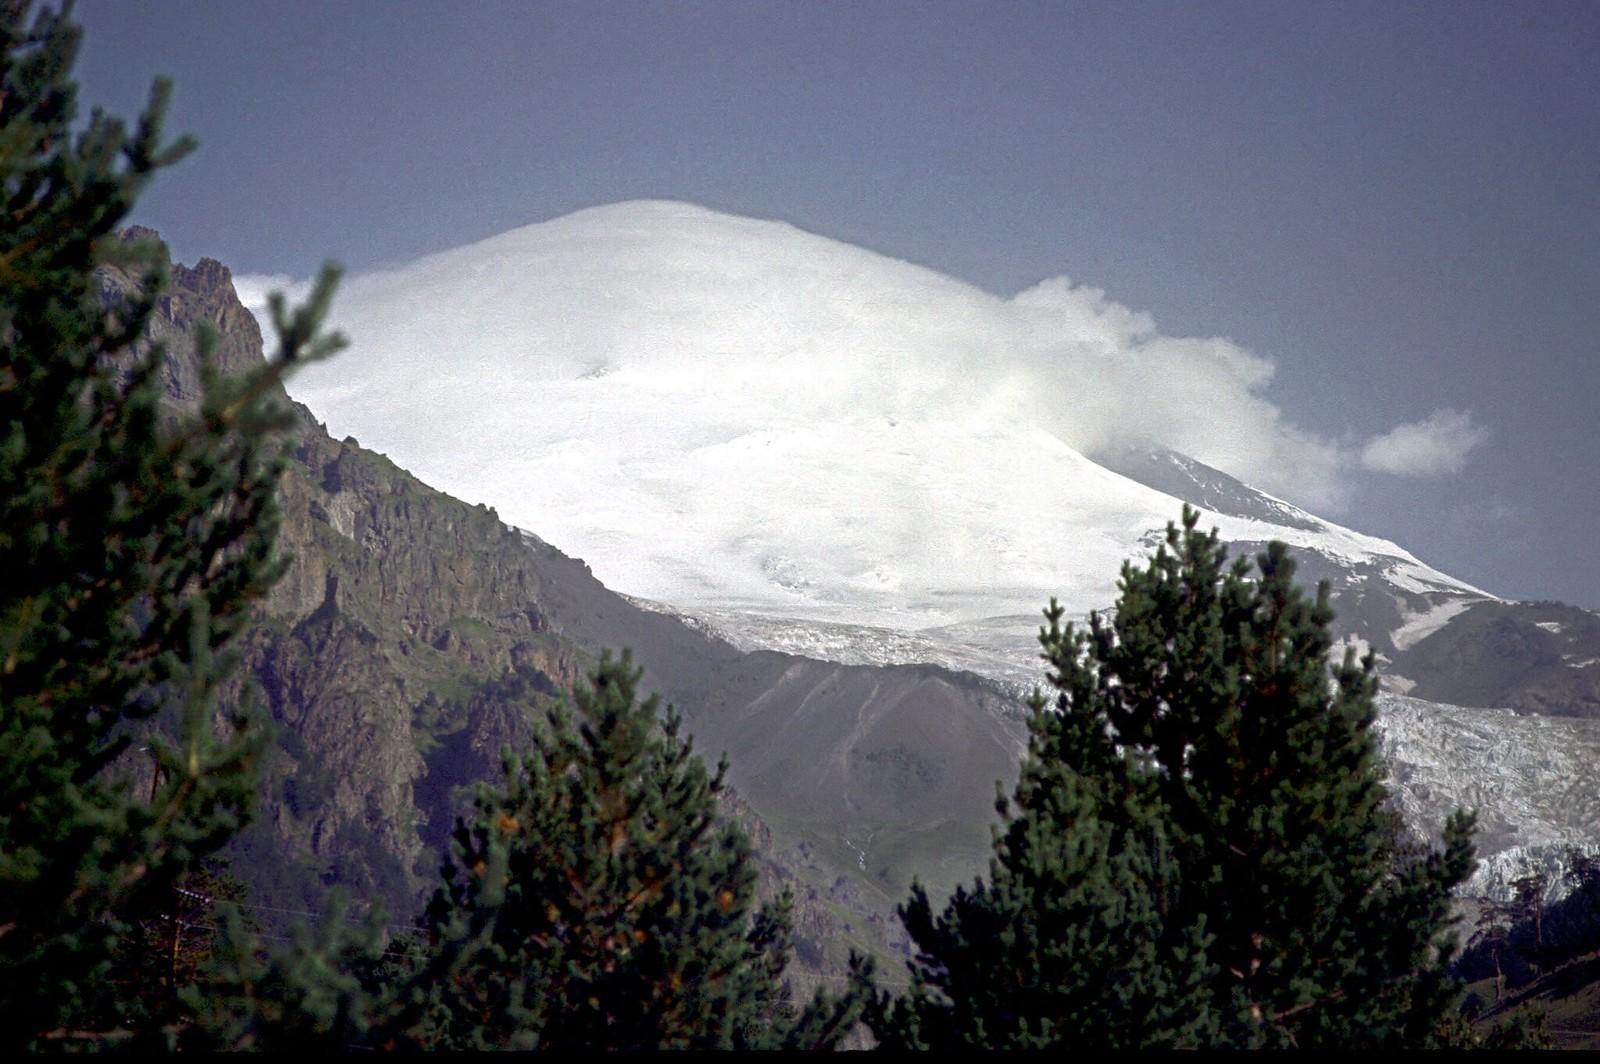 12. 1983. Покрытый облаками Эльбрус в горах Кавказа